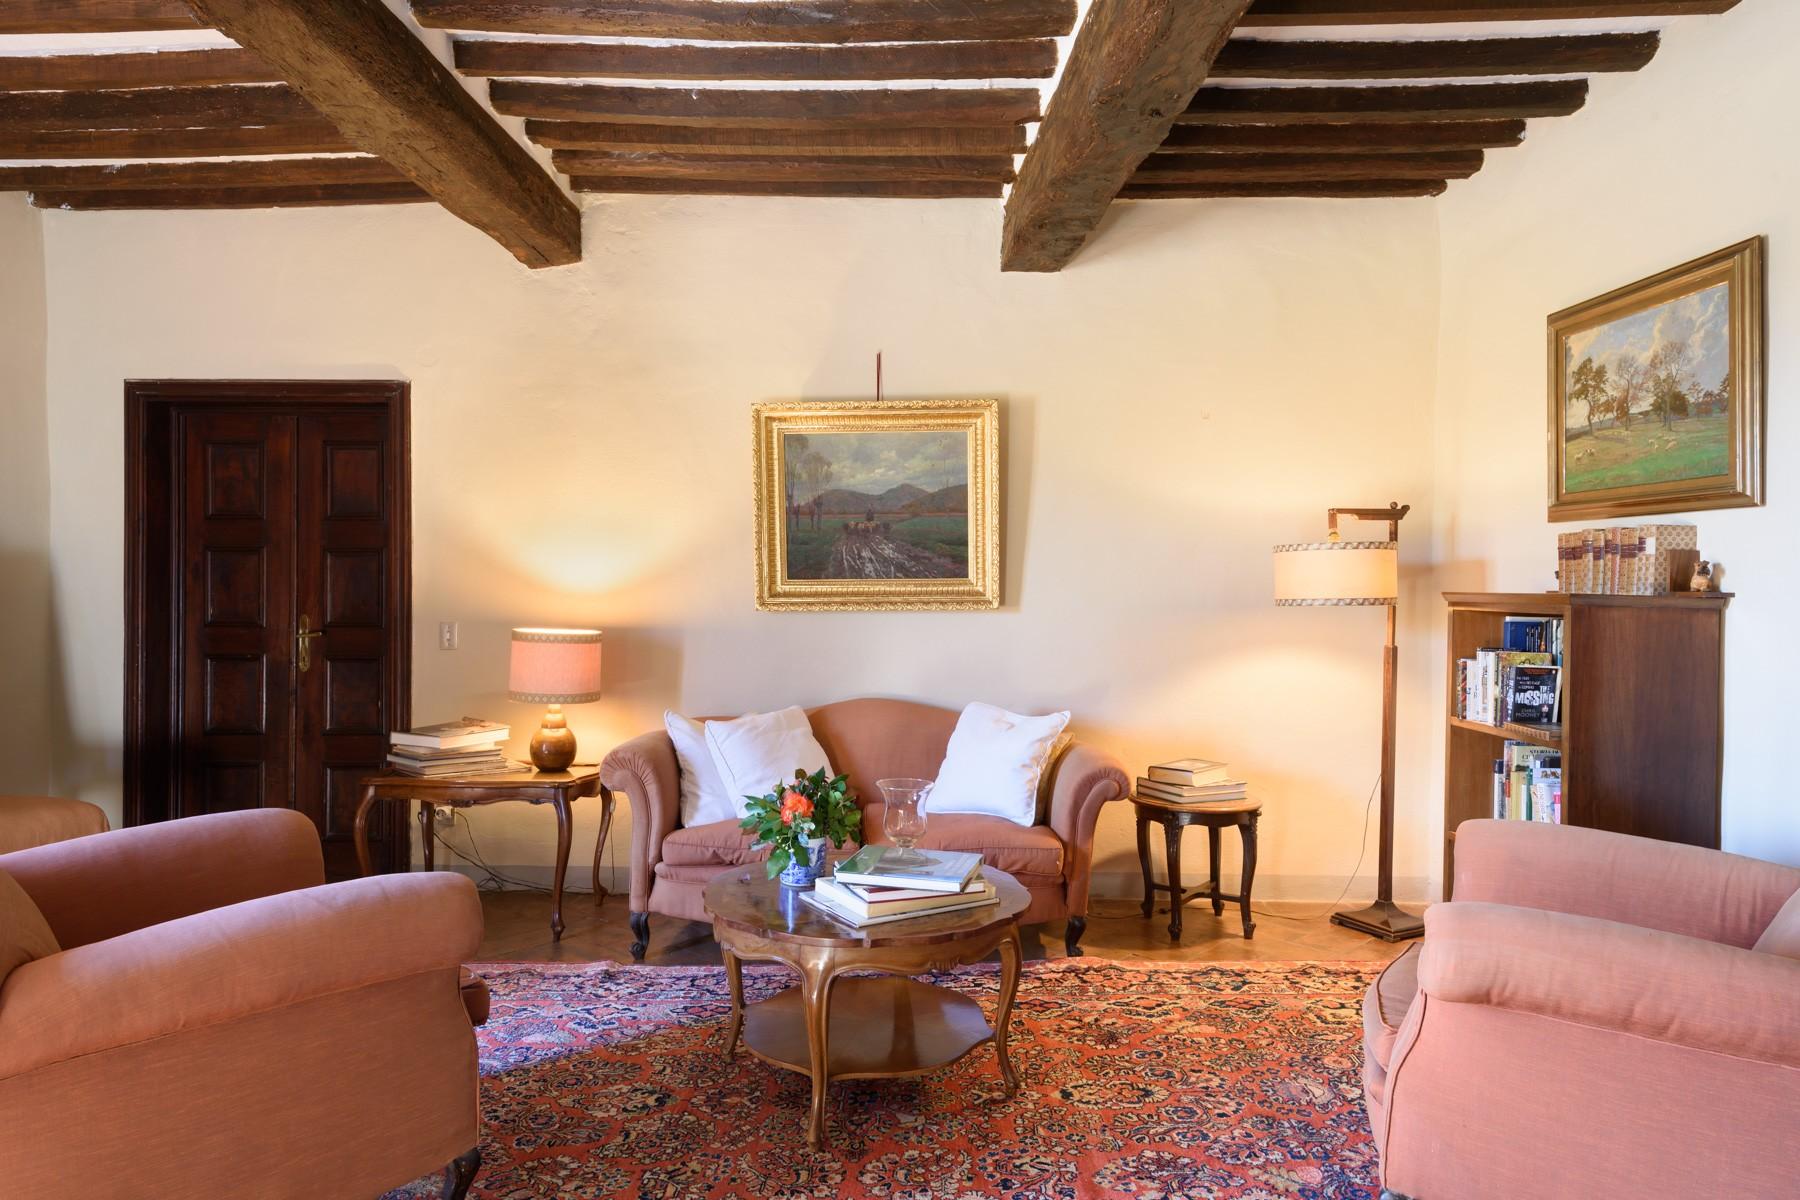 Villa in Vendita a Montaione: 5 locali, 15655 mq - Foto 17